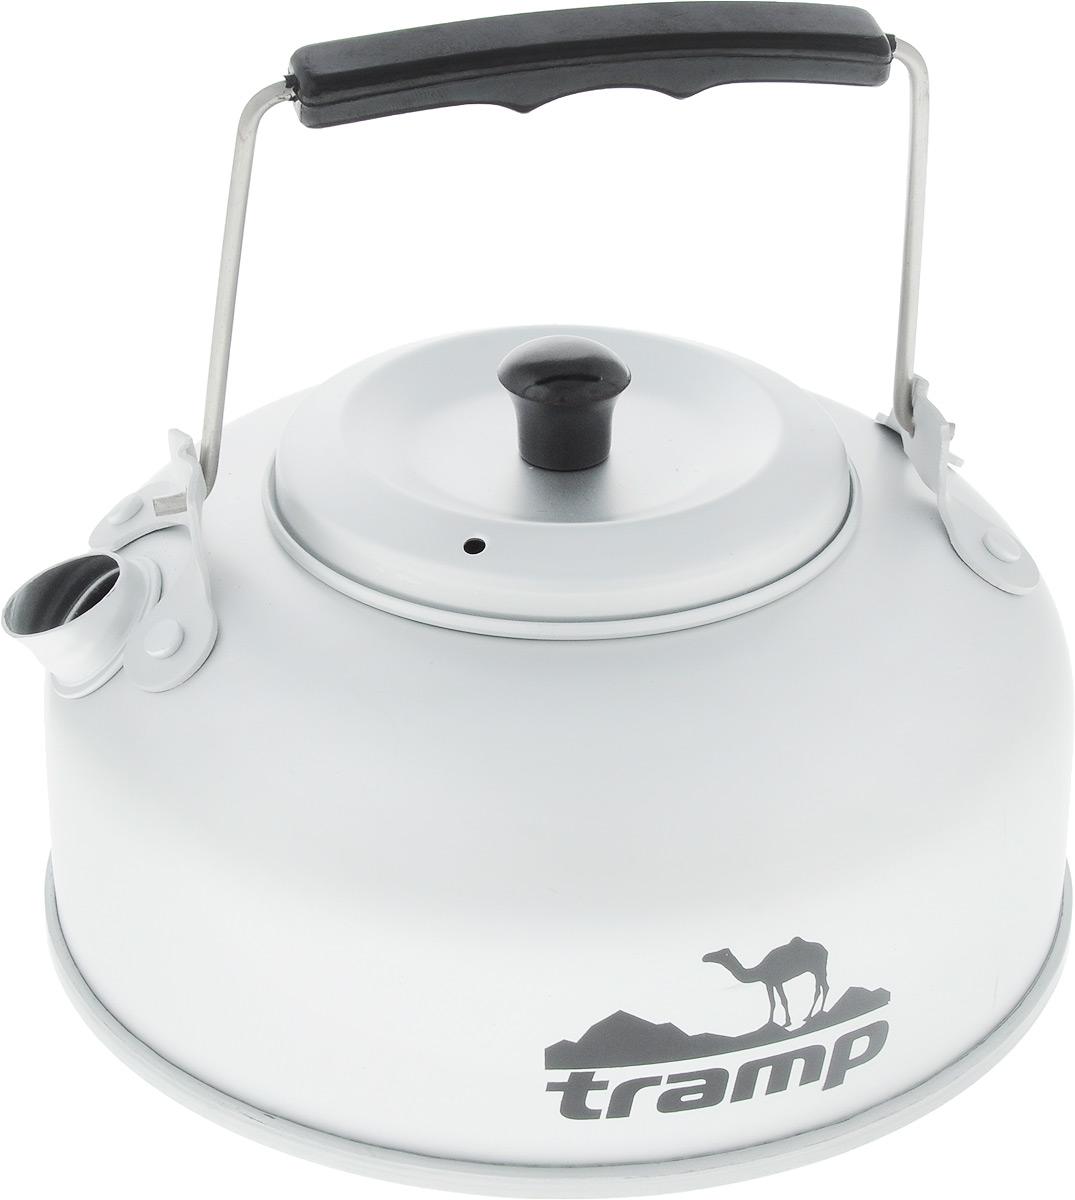 Чайник походный Tramp, с заварником, 0,9 л10-01705-017Чайник Tramp имеет специальное сито для заварки, что делает приготовление чая более удобным. Плоская форма дна позволяет быстро нагреть воду, складная ручка и небольшой вес алюминия делает чайник особенно удобным для перевозки. В комплект прилагается чехол для хранения.Объем: 900 л. Высота без учета ручки: 8 см. Диаметр дна: 15 см.